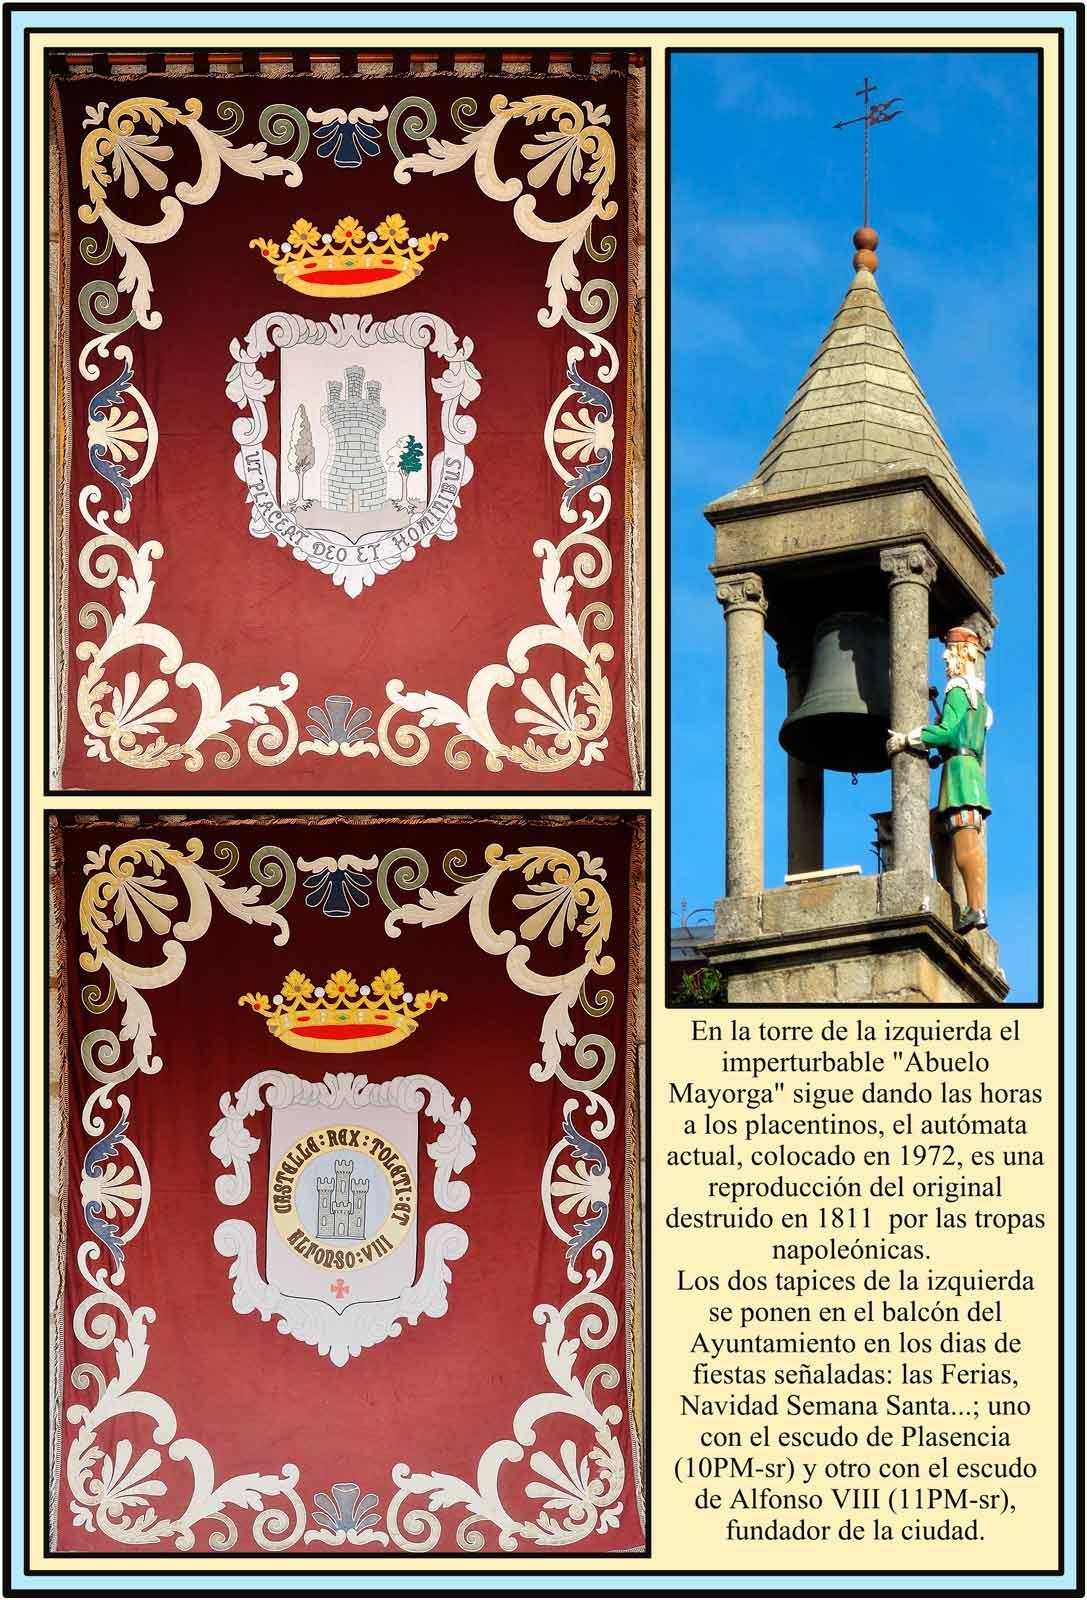 Abuelo Mayorga Tapices con escudos de Plasencia y Alfonso VIII